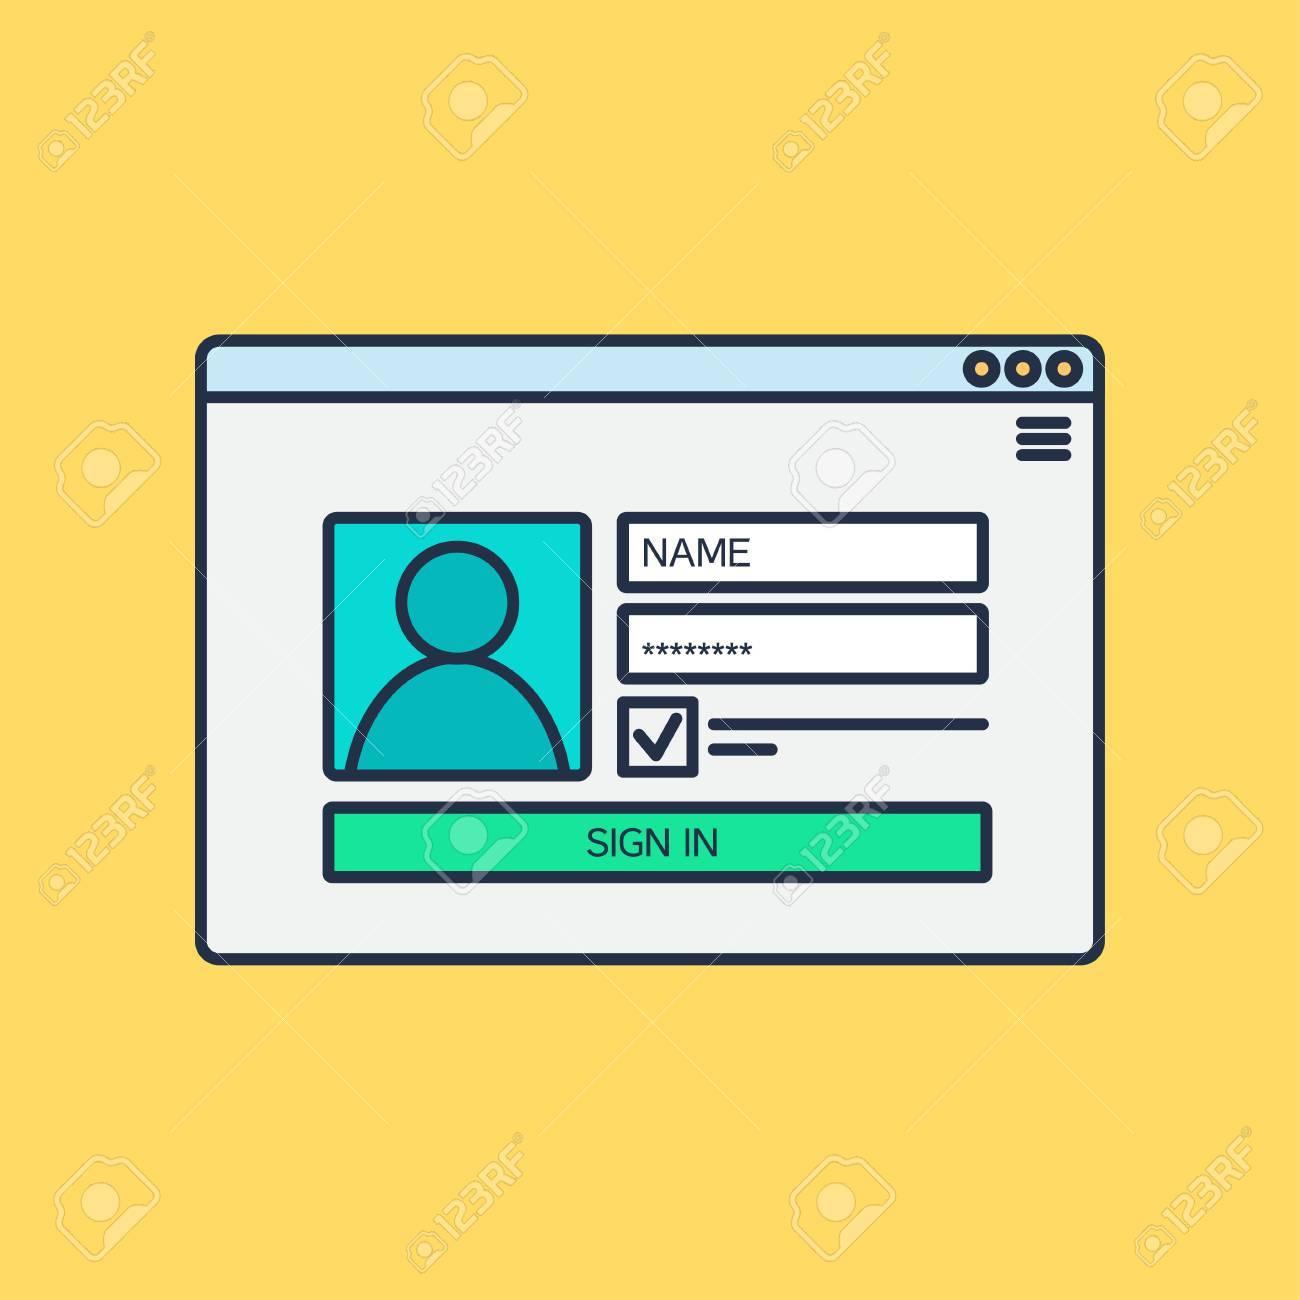 Web Template Web Elemente Für Website Form Login Rechnung Zu Tragen